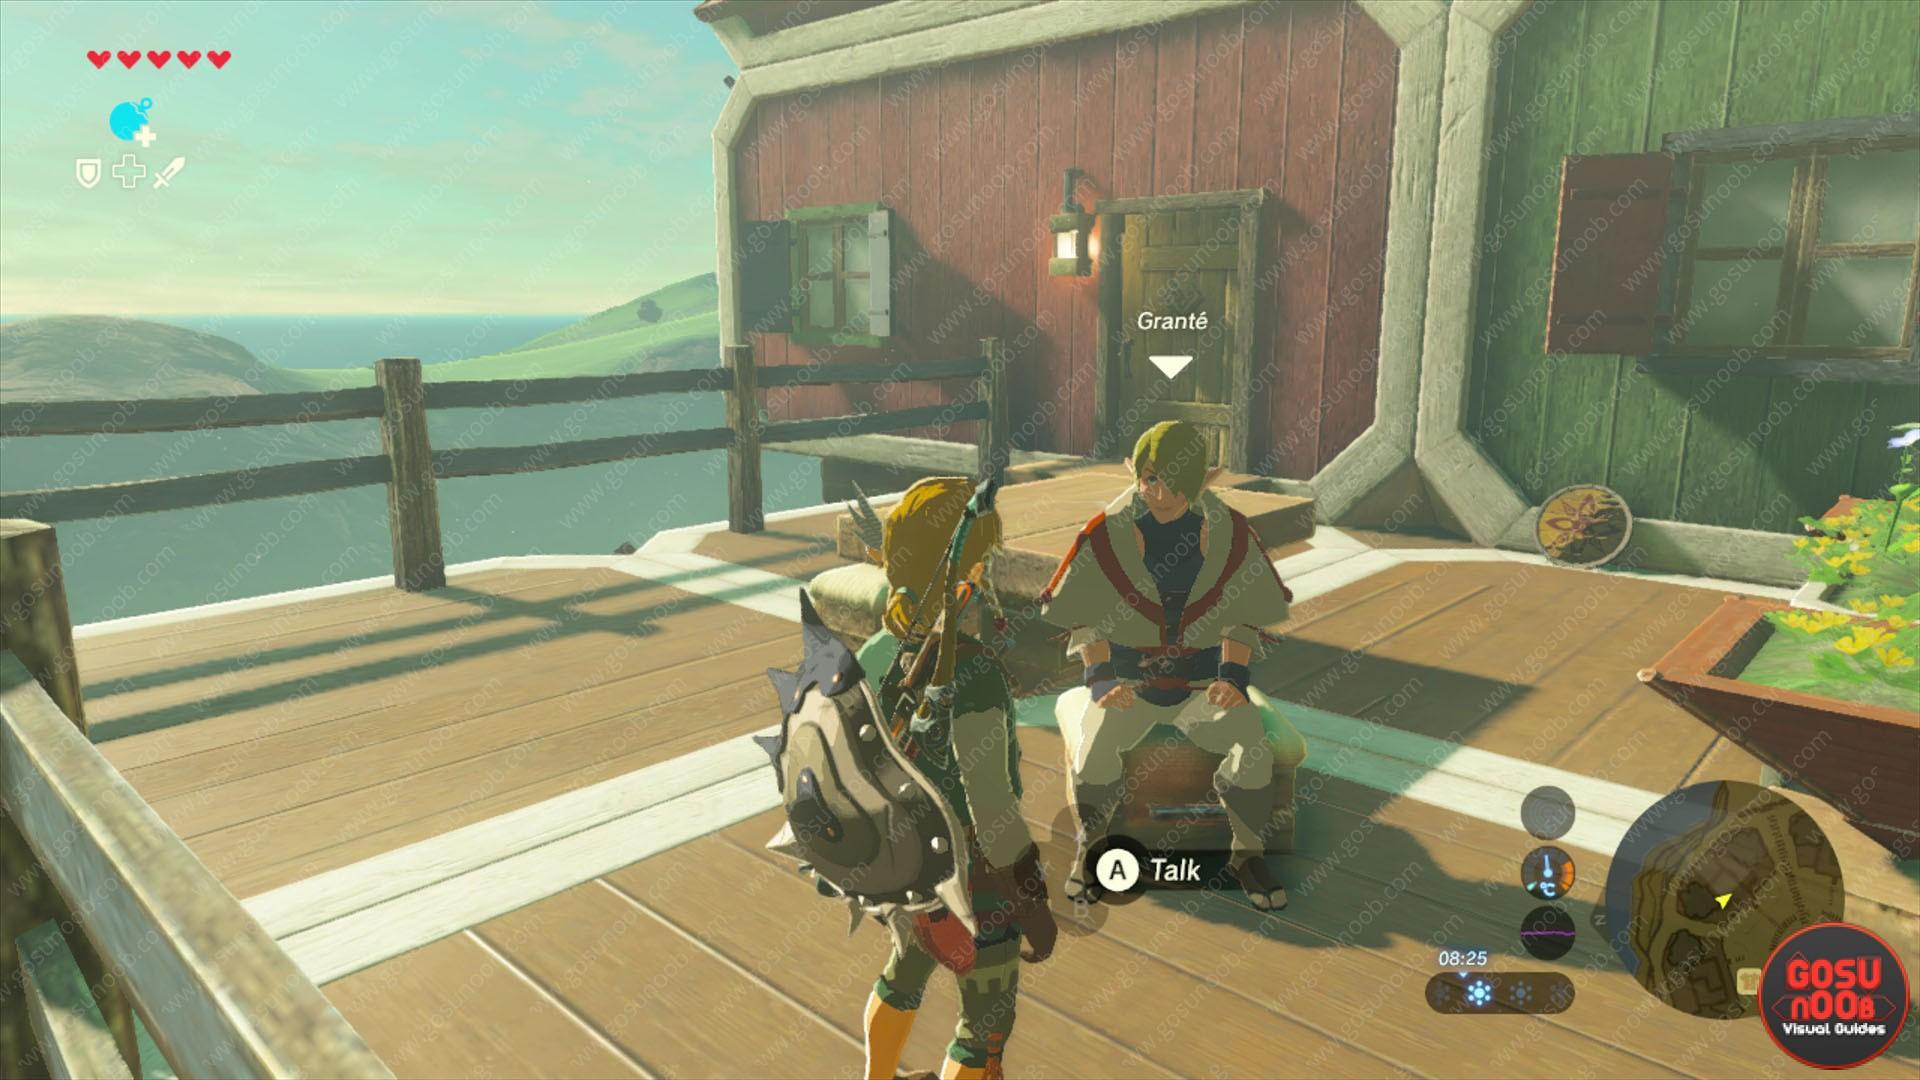 Zelda Botw Grante Secret Vendor Armor Weapon Buy Back Merchant